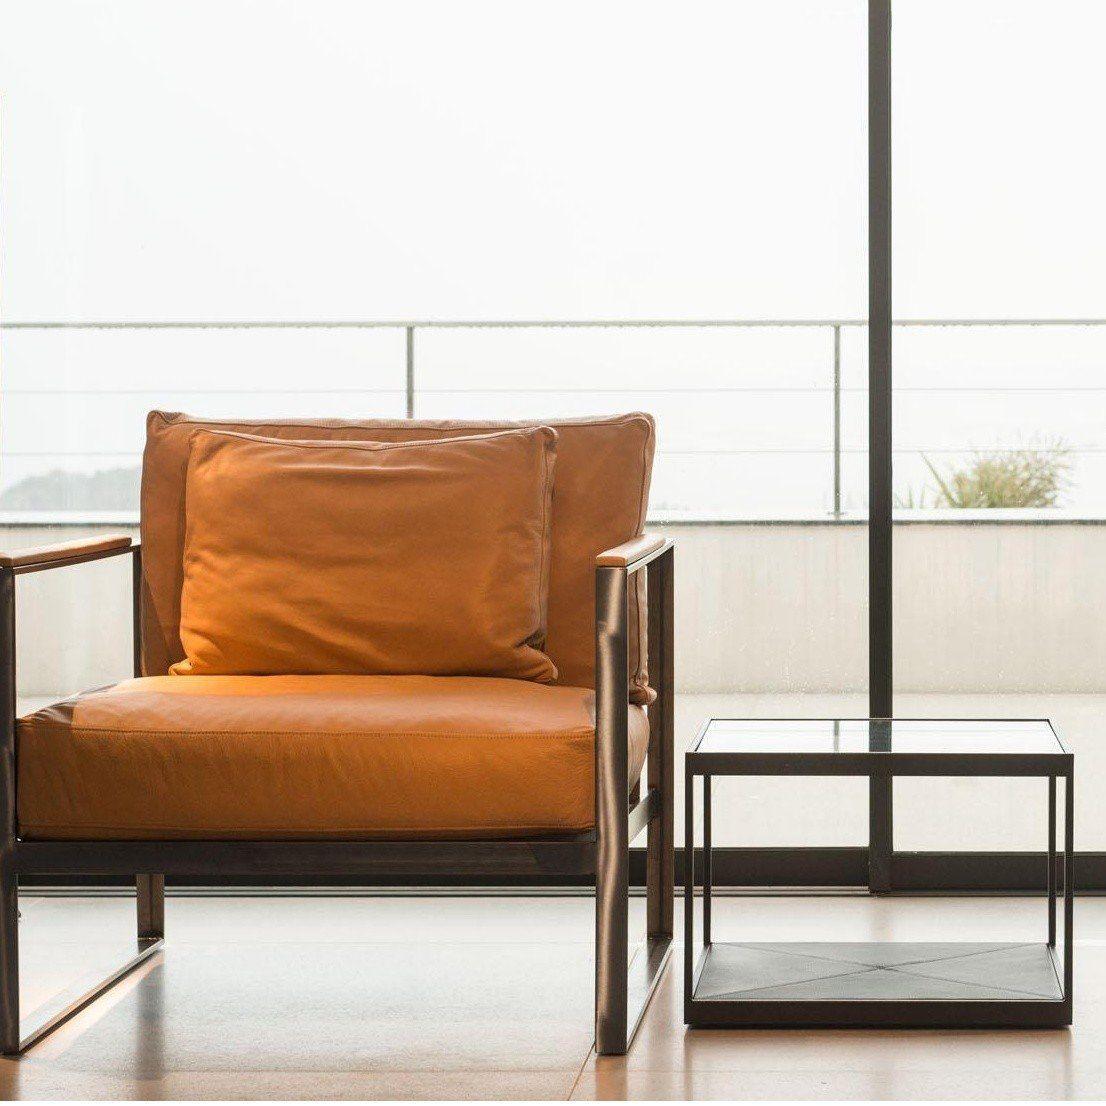 Röshults Monaco Coffee Table 50x50